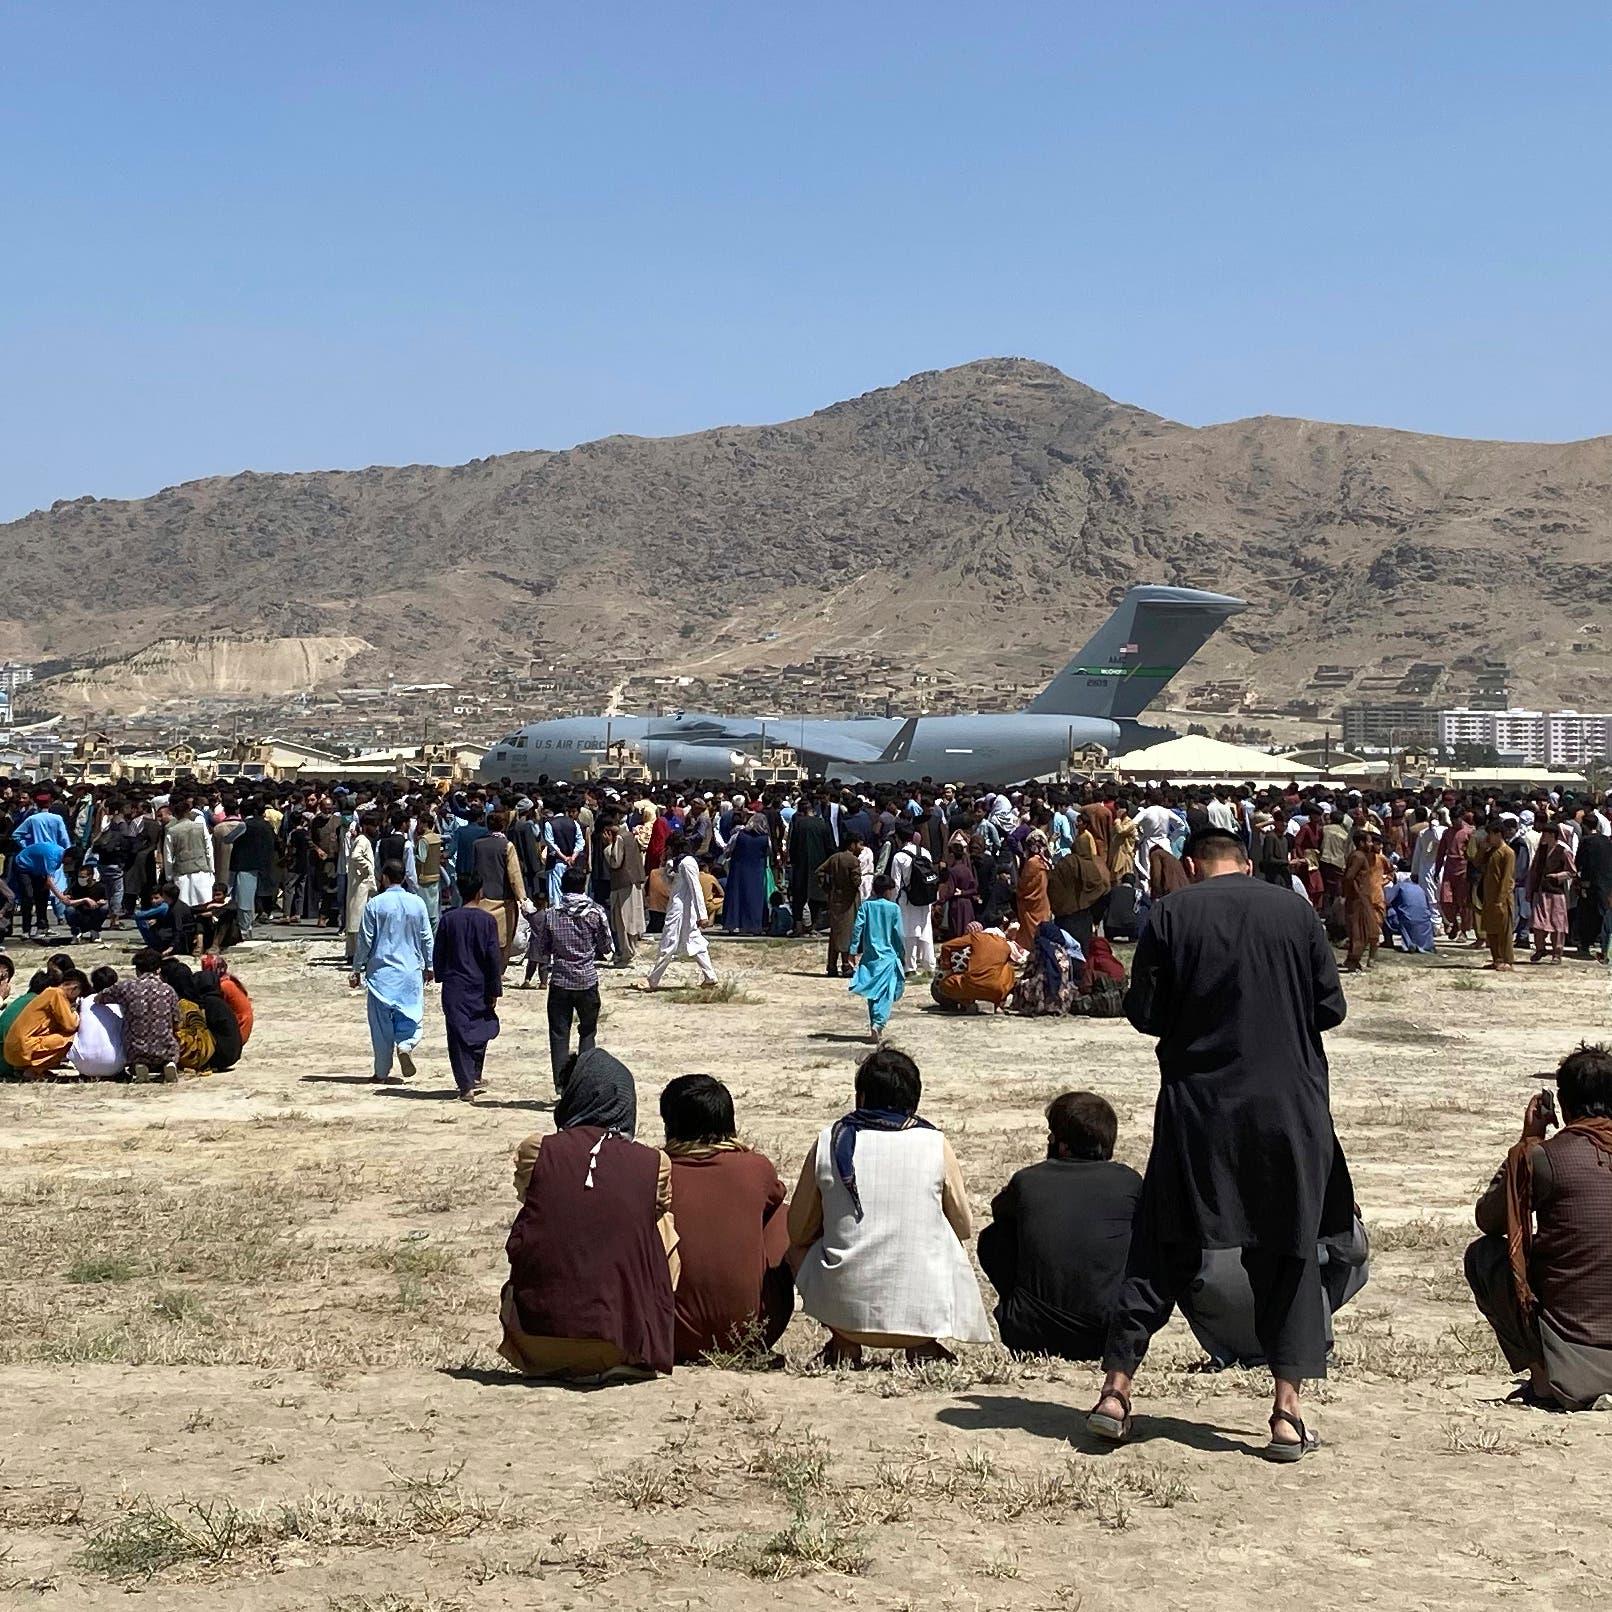 12 قتيلاً وفوضى بمطار كابل.. طالبان تدعو الأفغان للمغادرة